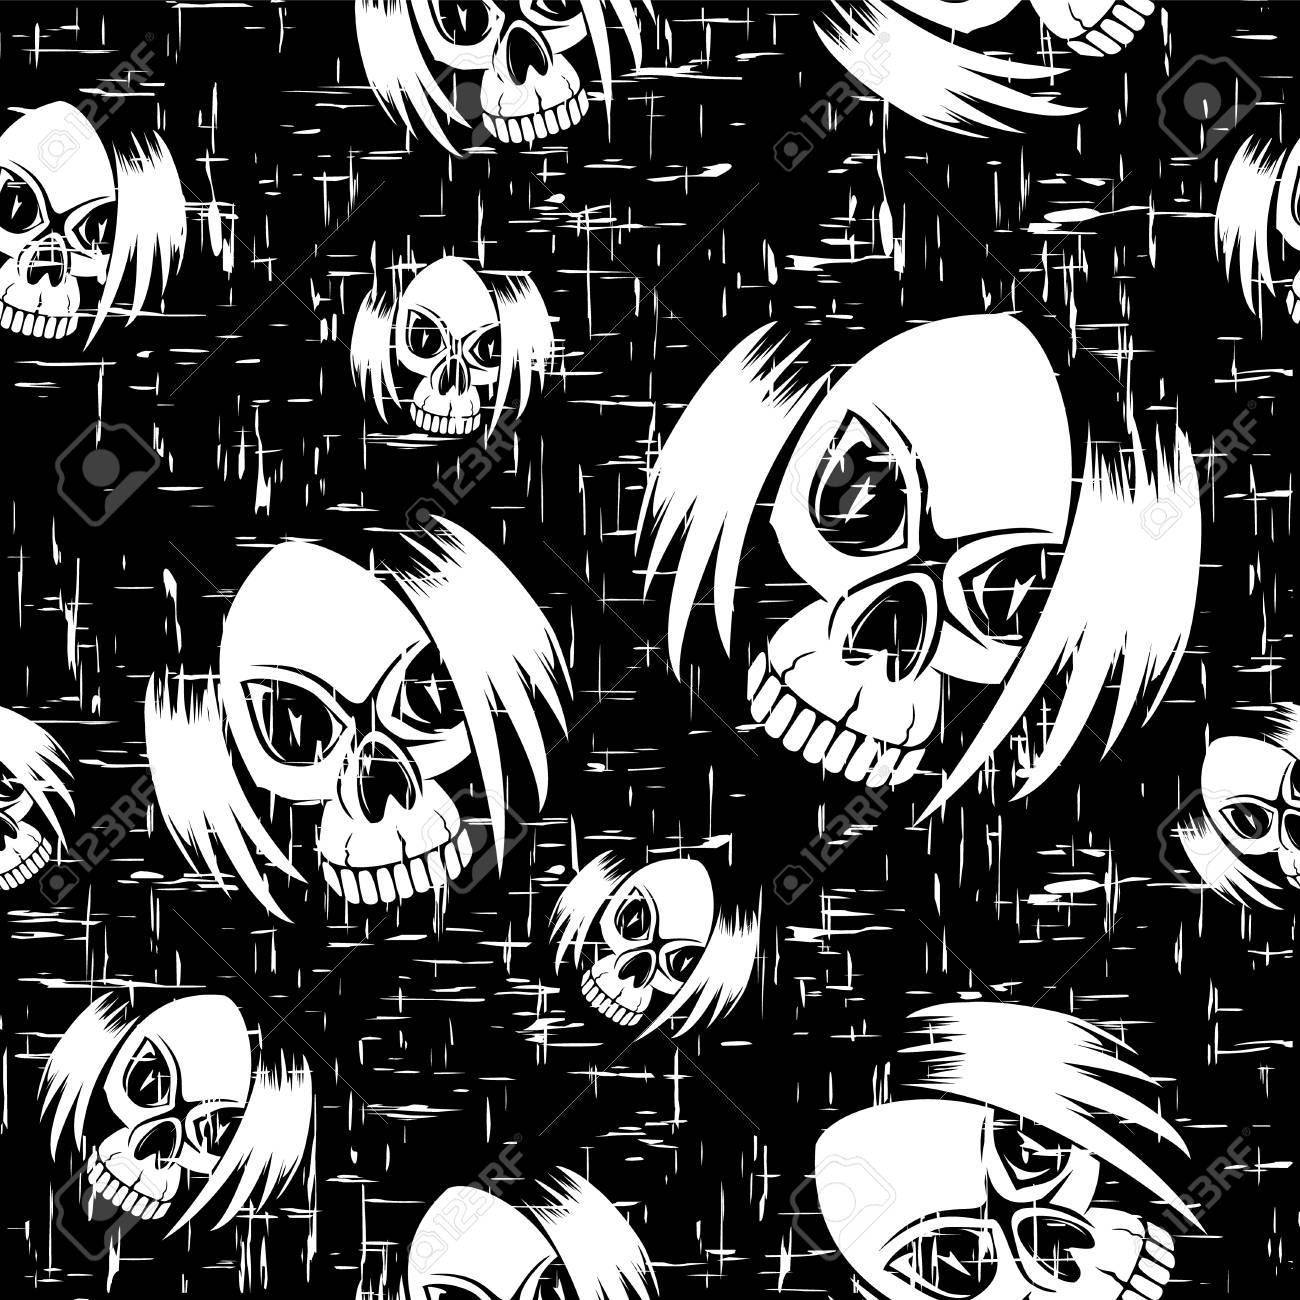 Illustration Vectorielle Rayé Crâne De Fille Emo Noir Dessin Animé Avec Les Cheveux Fond Transparent Pour Créer Un T Shirt Ou Imprimer Sur Du